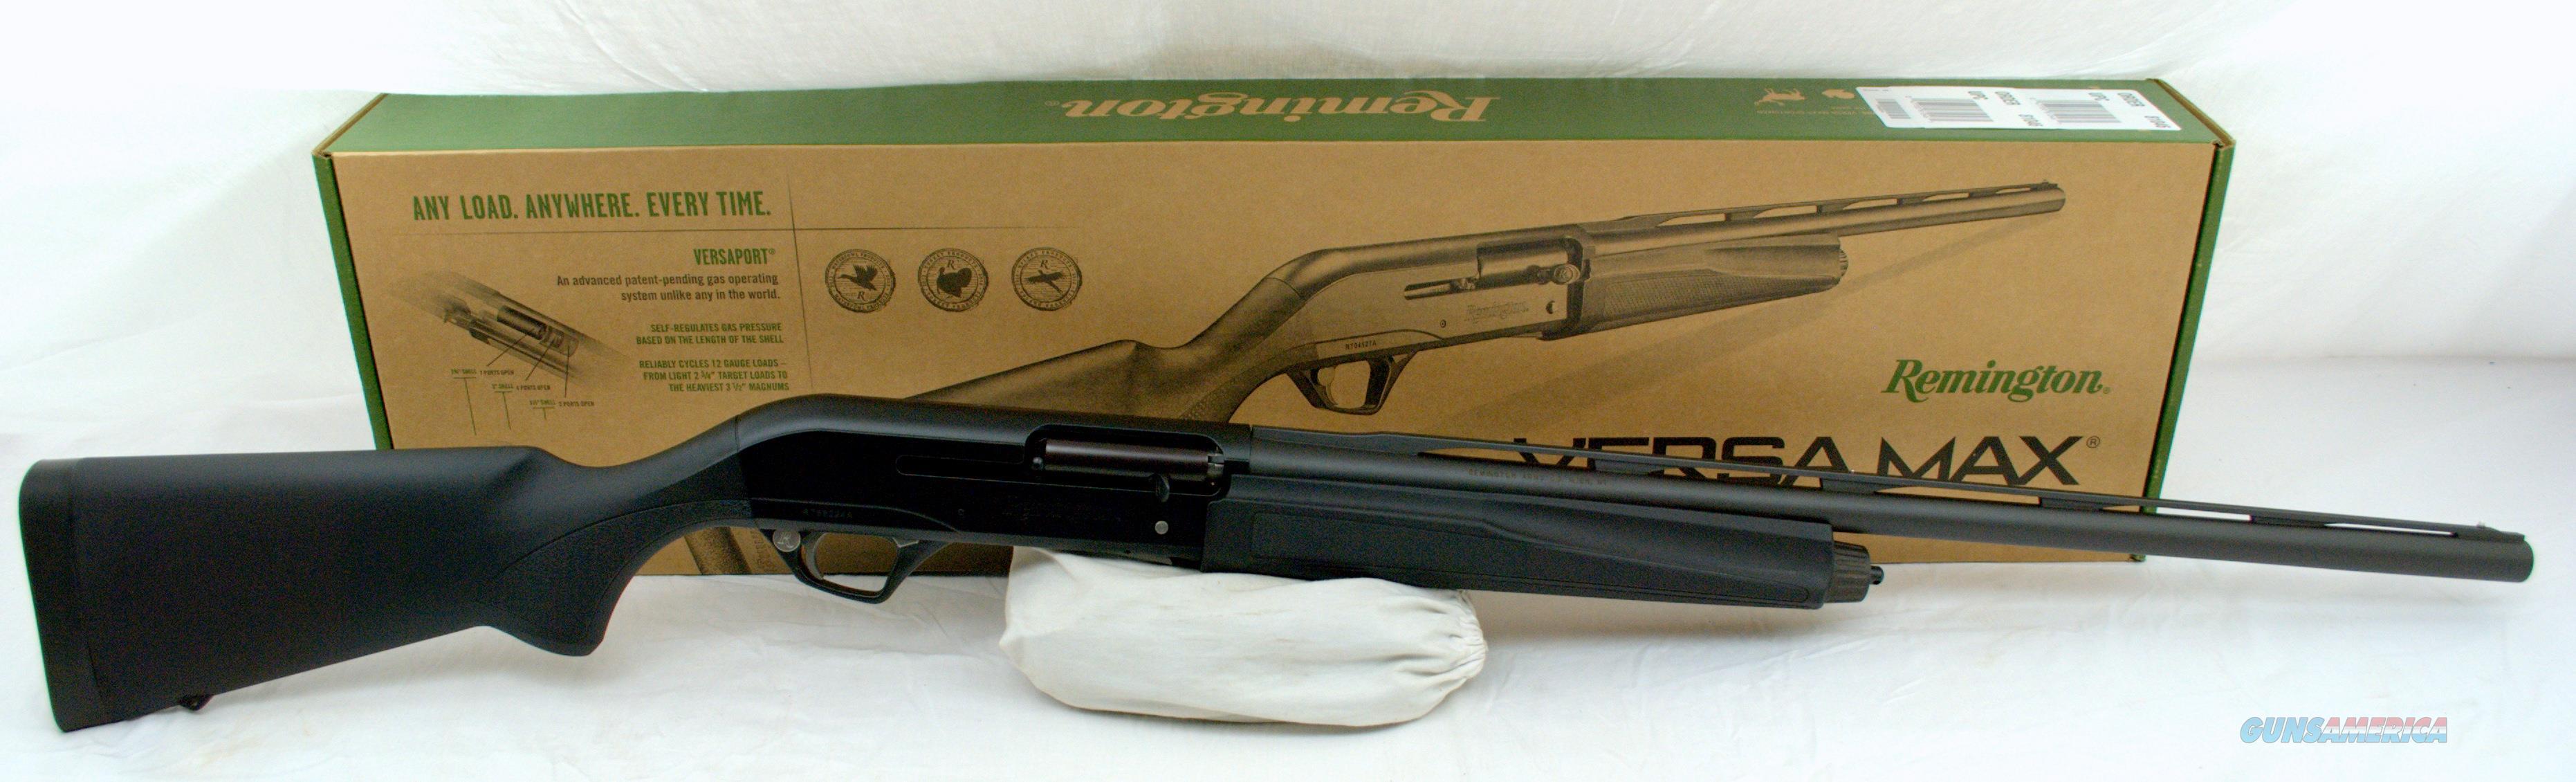 """REMINGTON VERSA MAX 12GA 26"""" SPORTSMAN   Guns > Shotguns > Remington Shotguns  > Autoloaders > Hunting"""